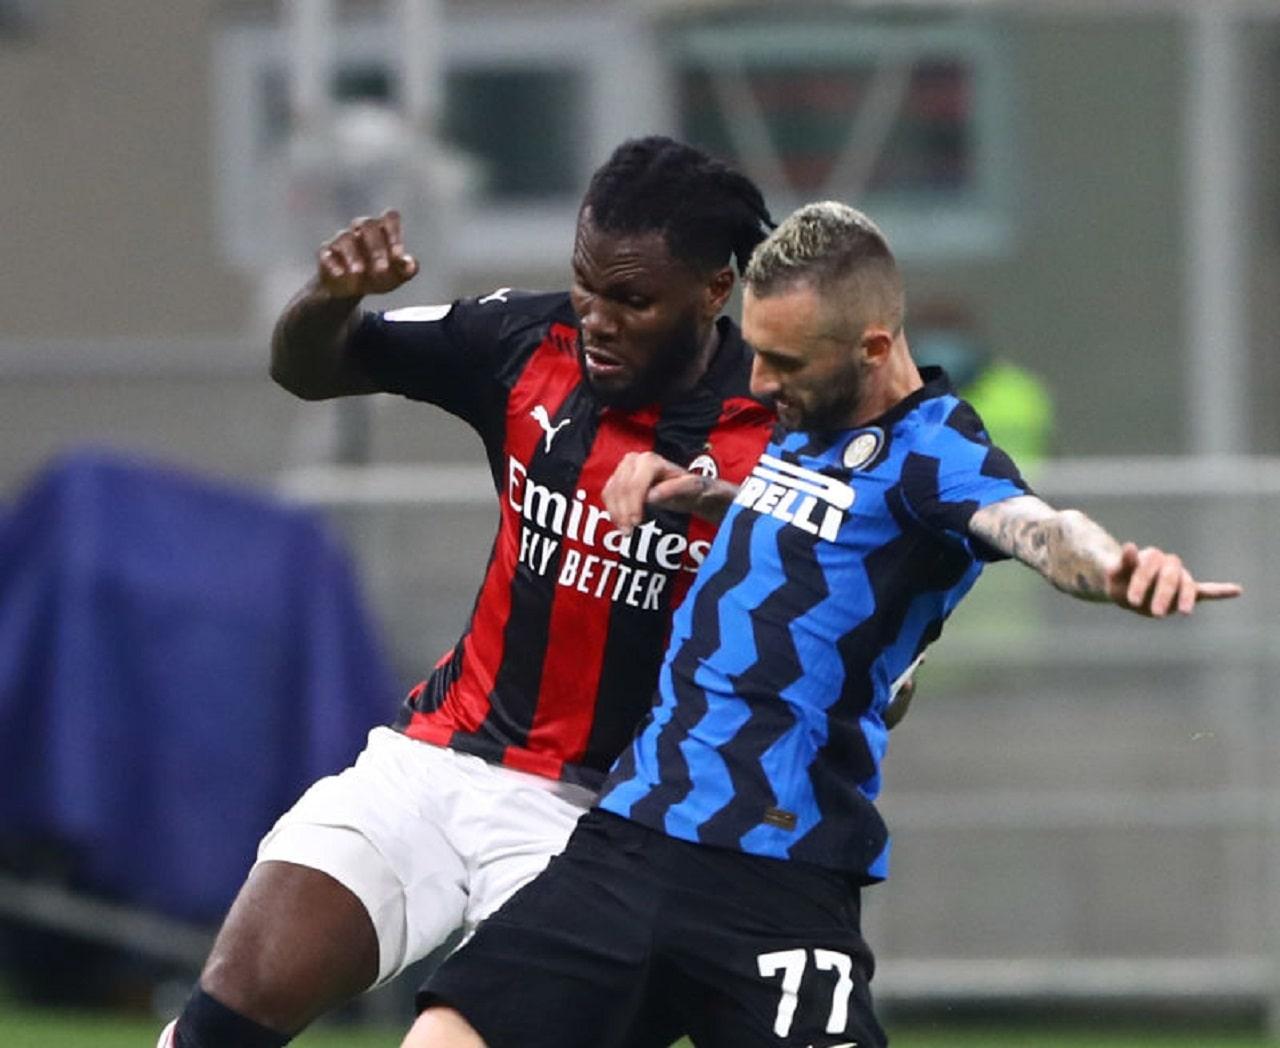 Calciomercato Inter, distanza per il rinnovo dei grandi | Le figure